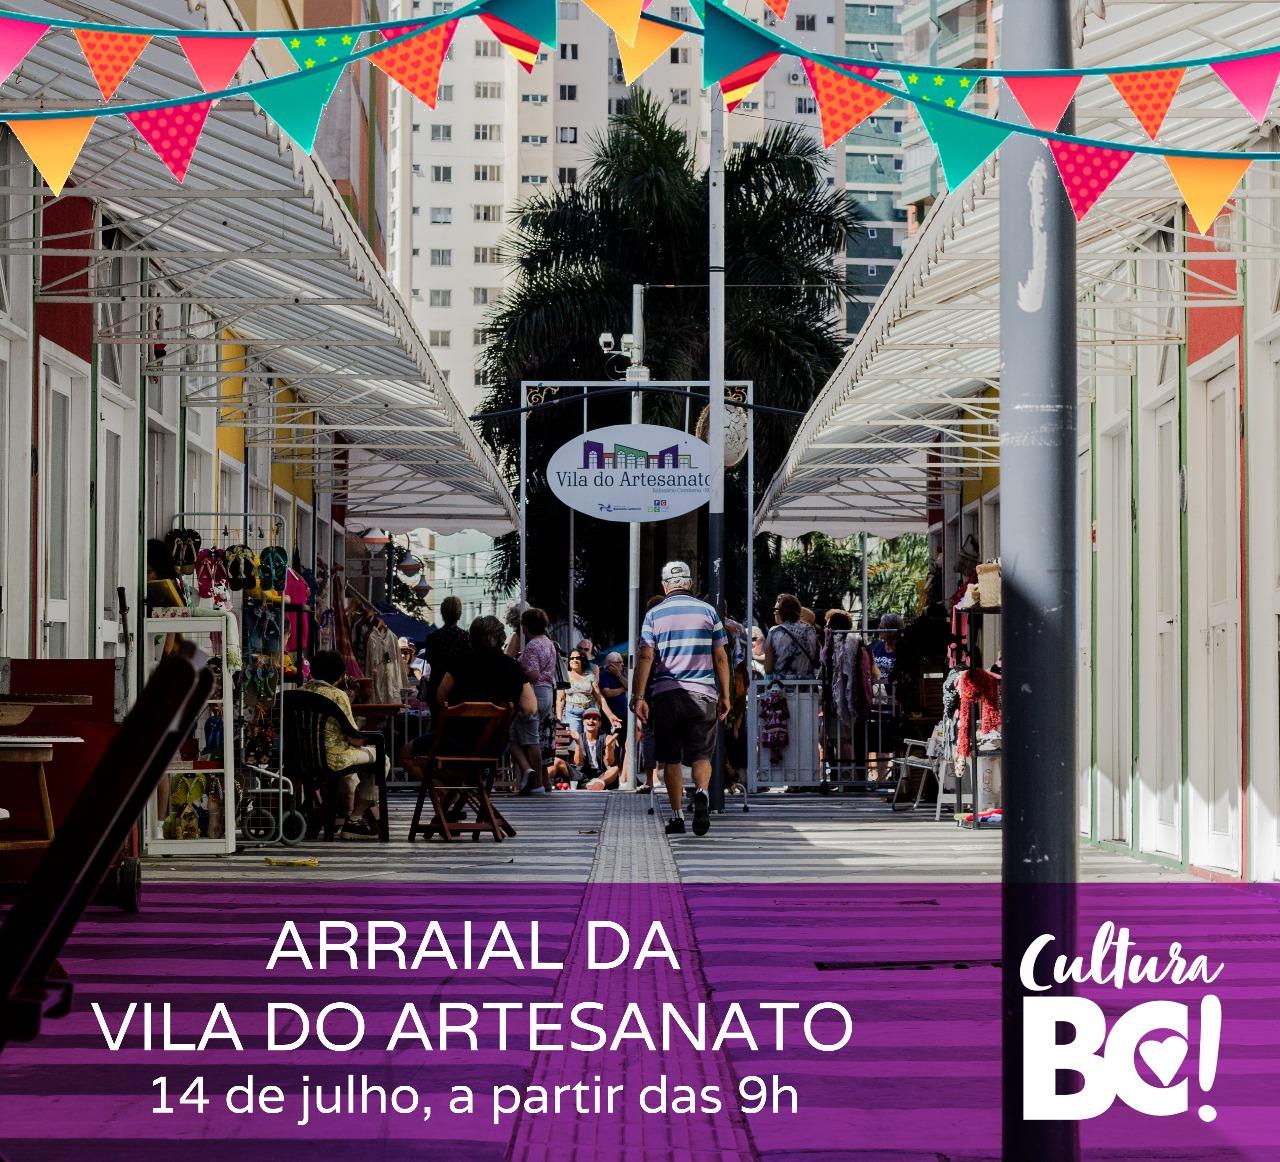 Foto: Arquivo Fundação Cultural